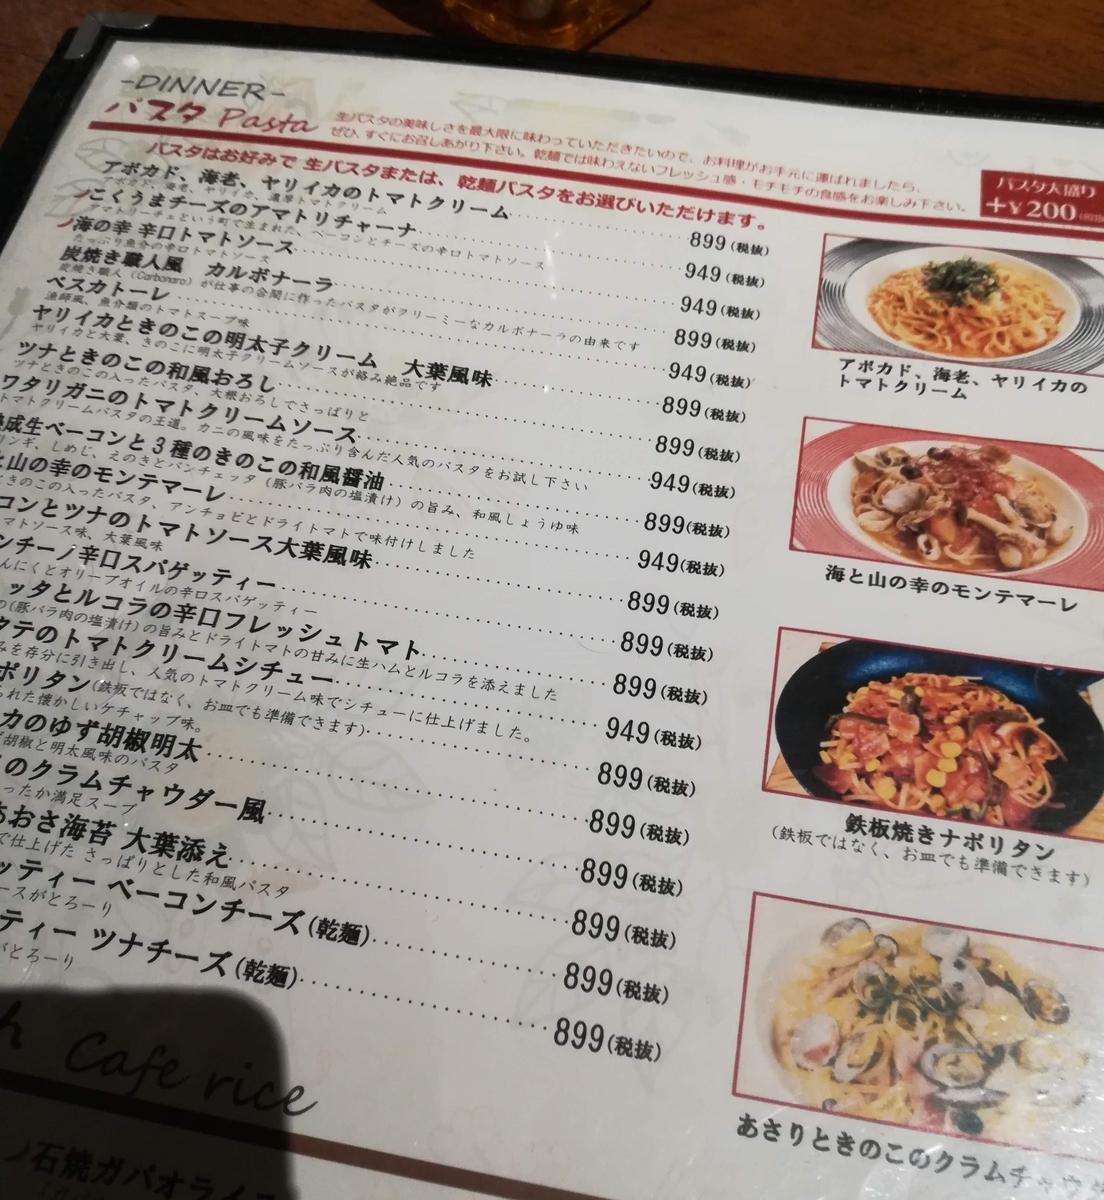 ナポリの食卓はパスタもおいしくてオススメですよ!